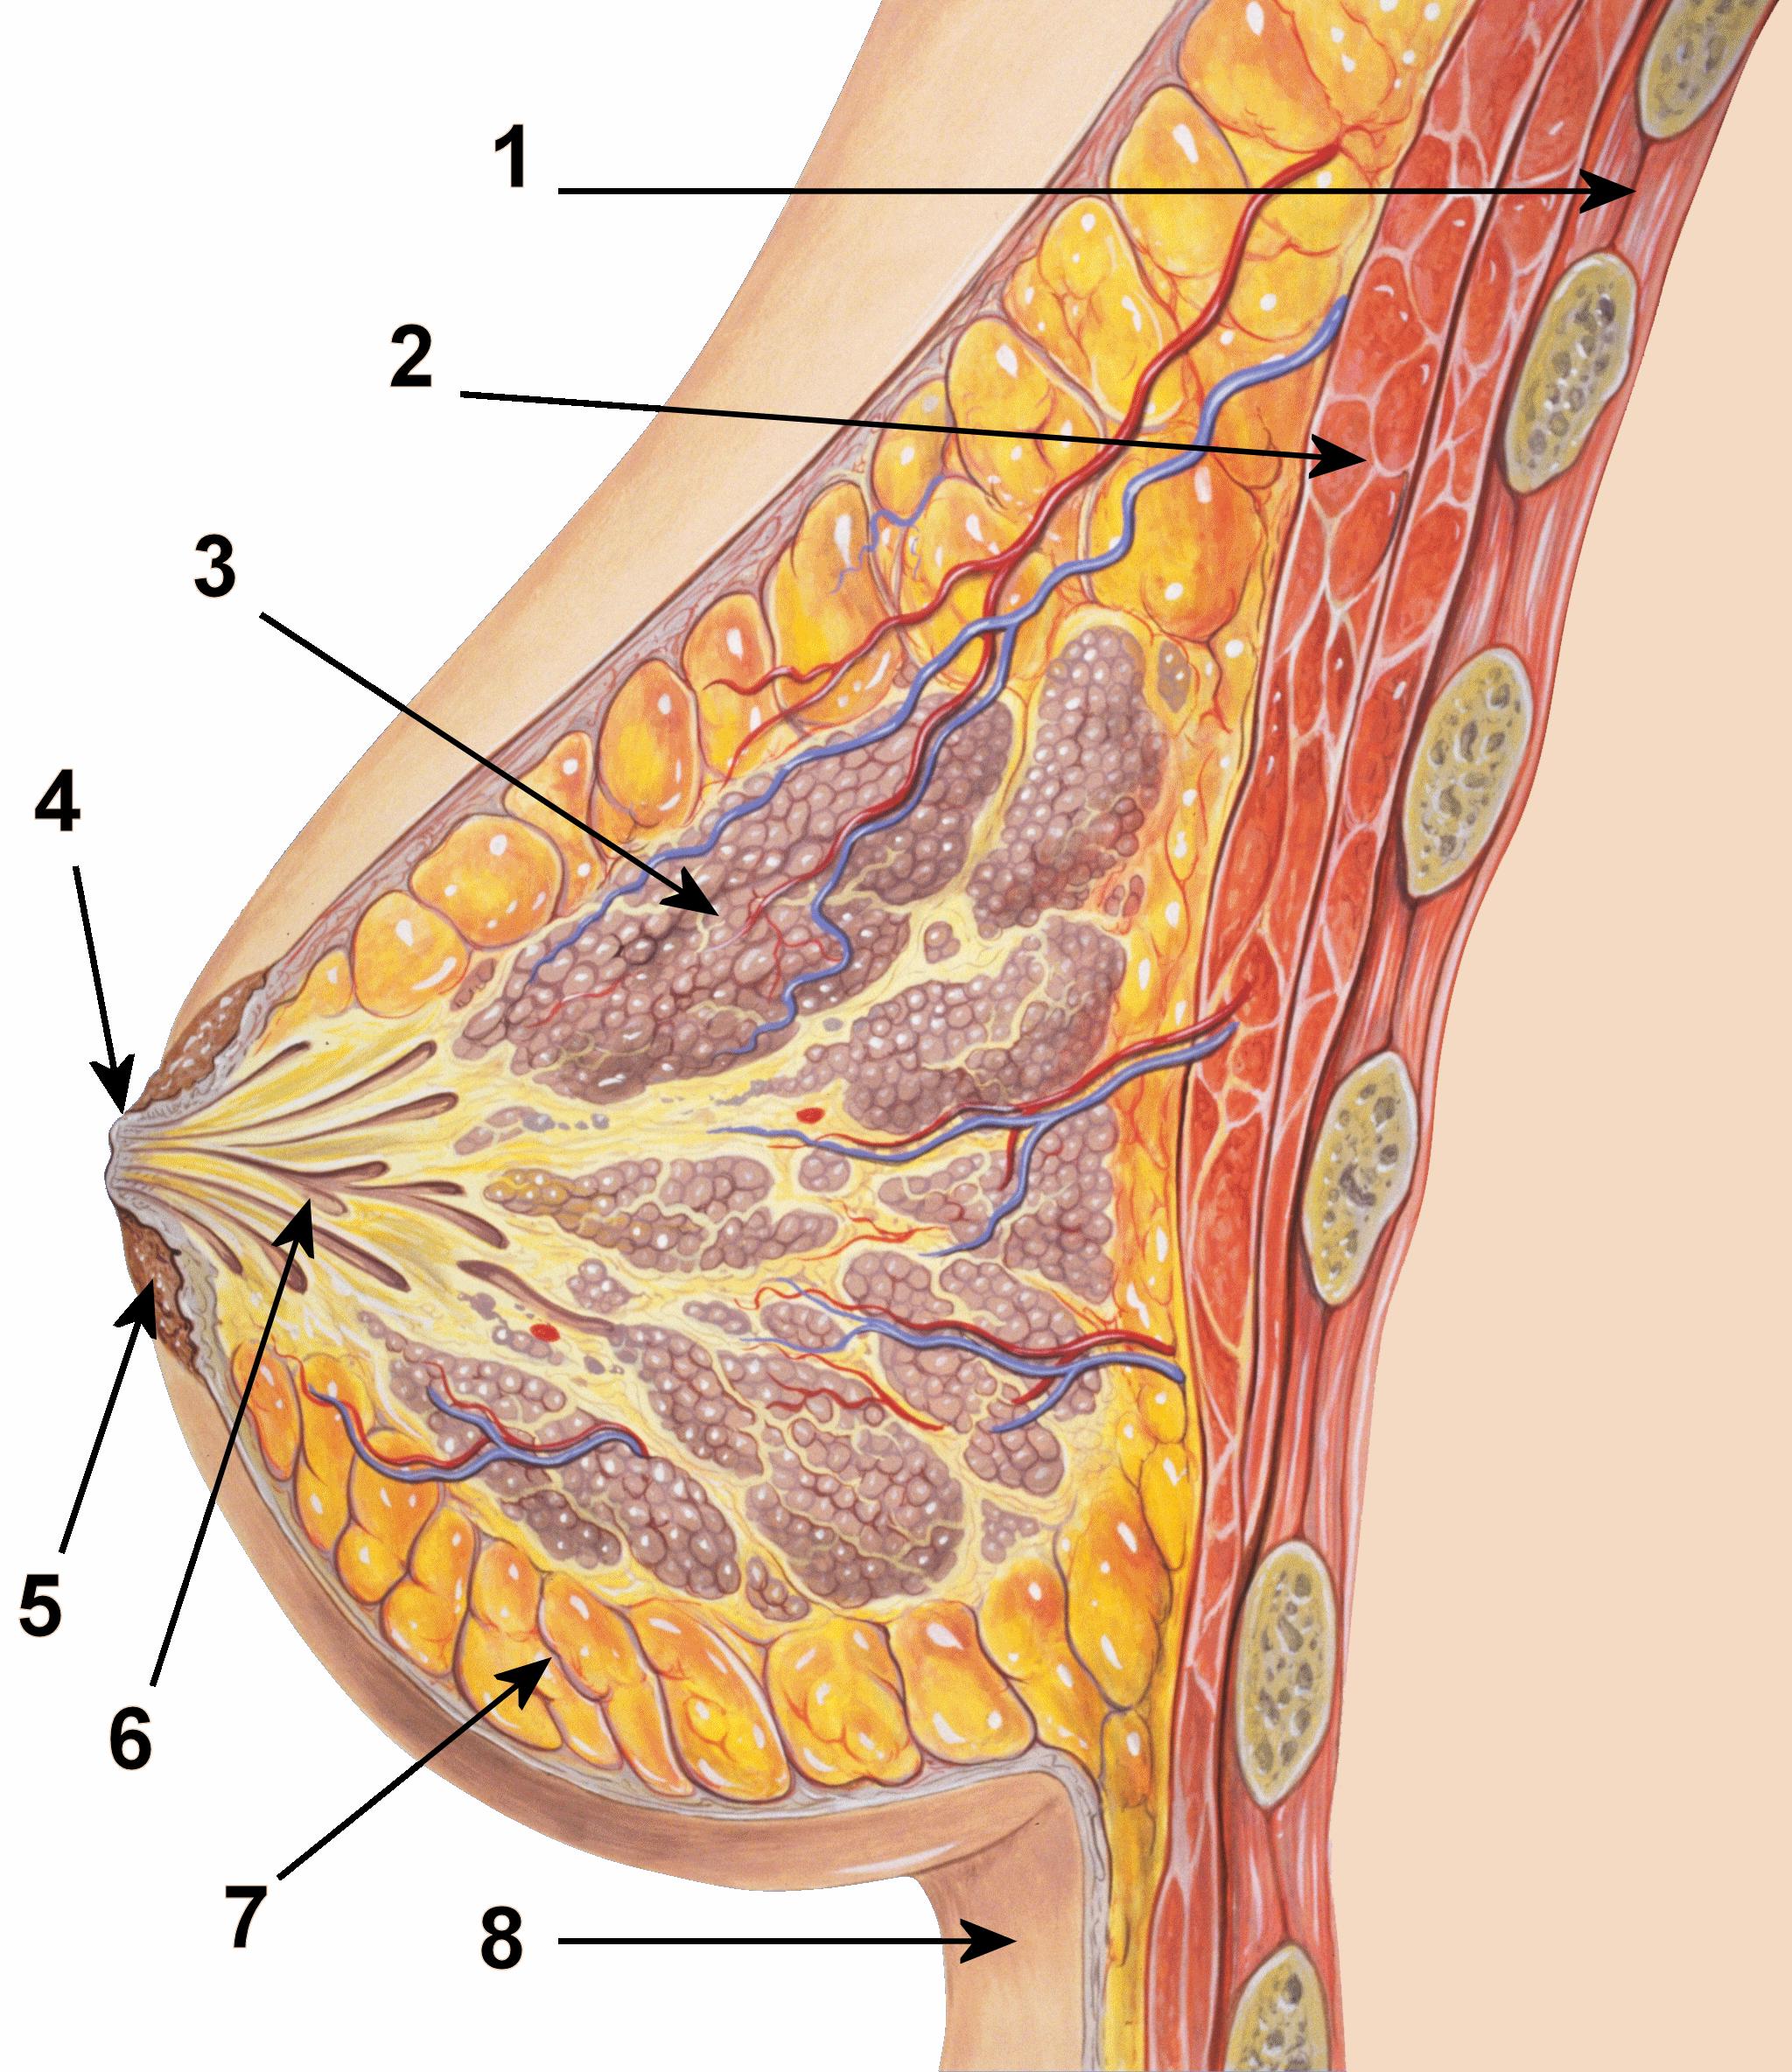 Фото молочной женской груди 9 фотография